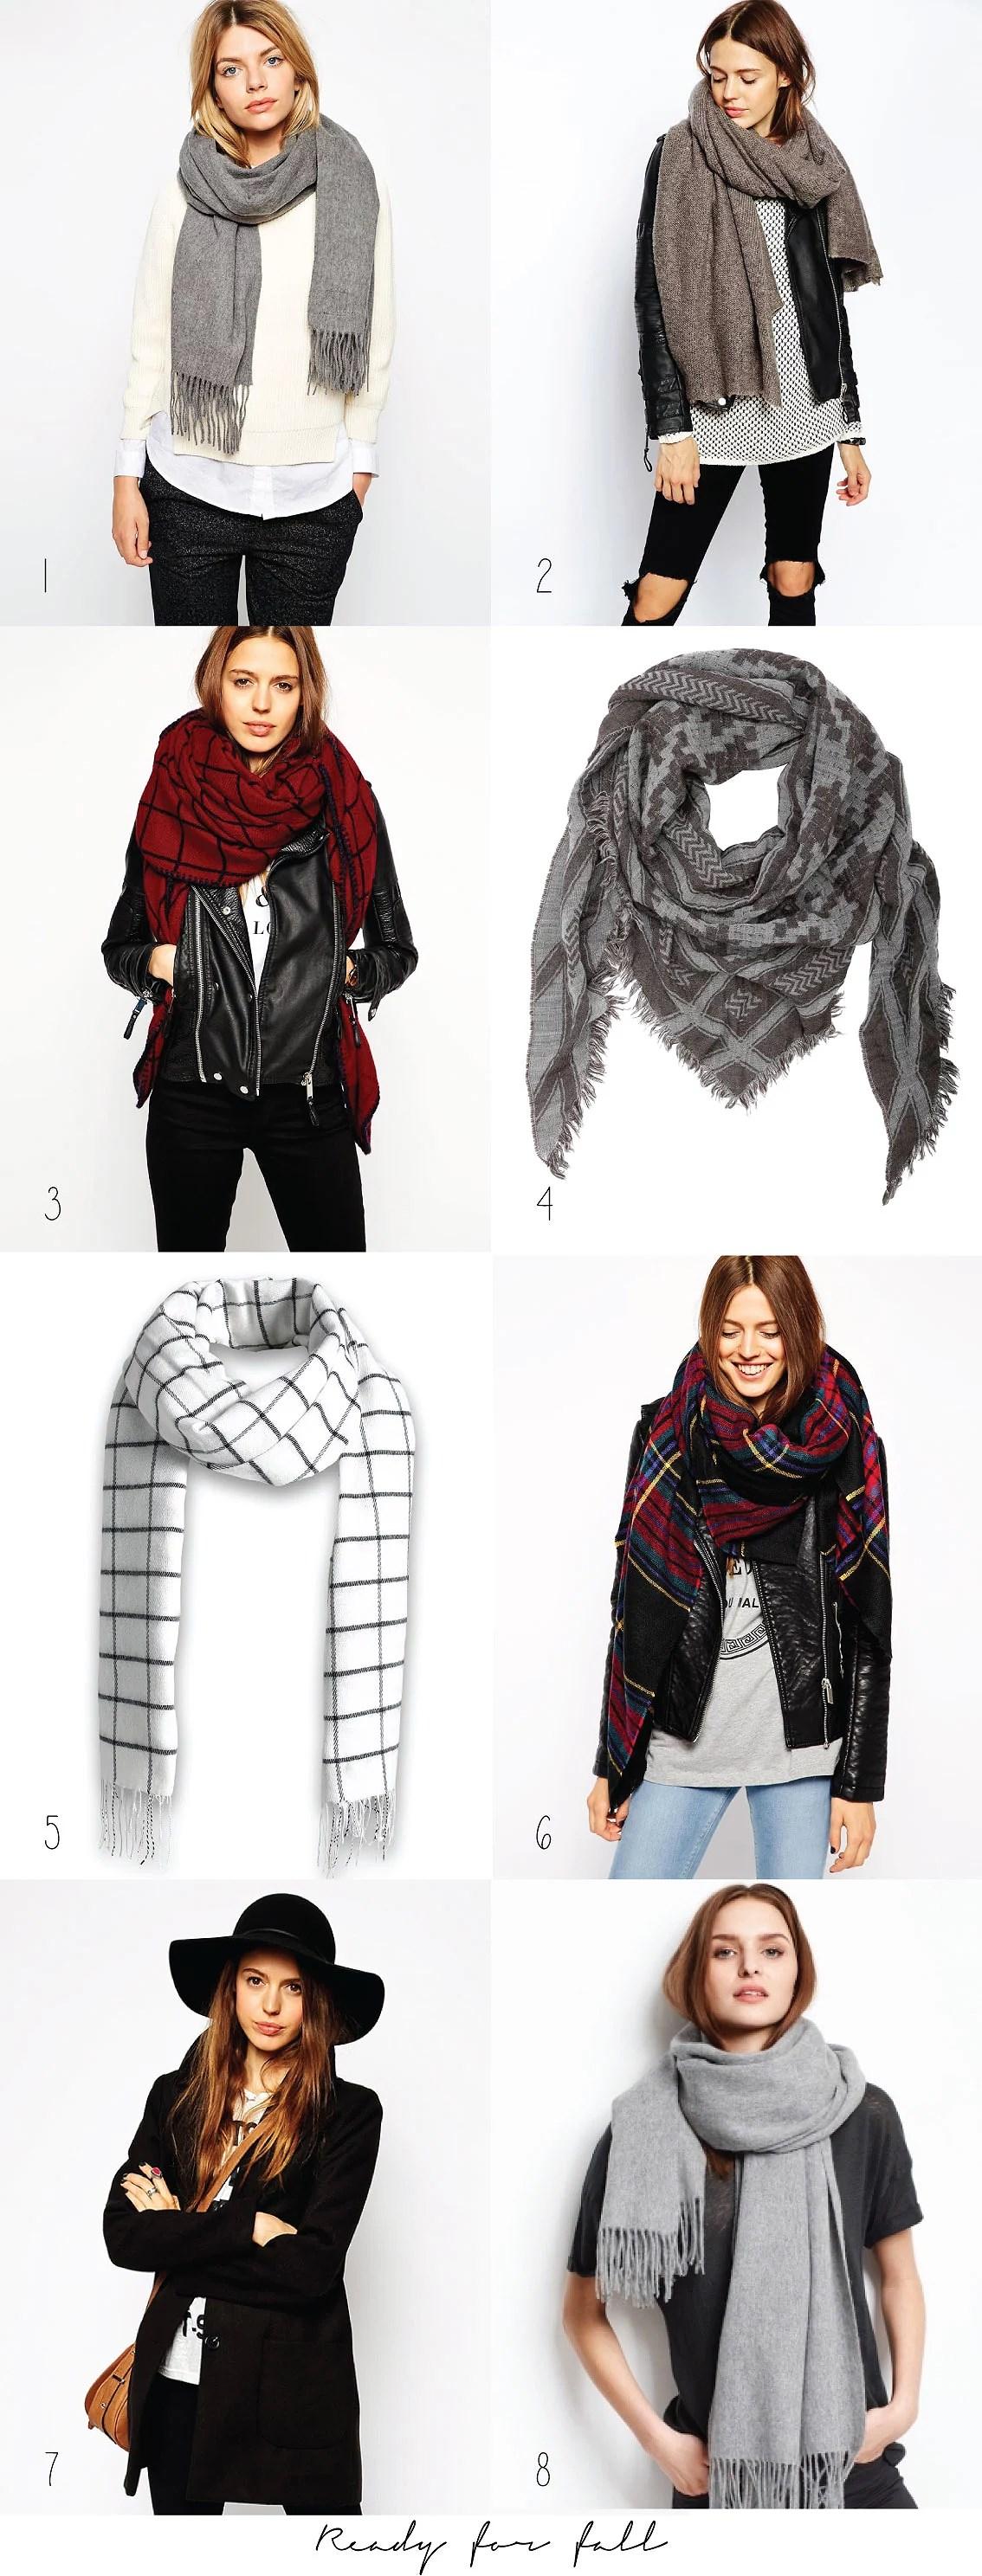 Tørklæder til efterår-modeblogger-It's My Passions